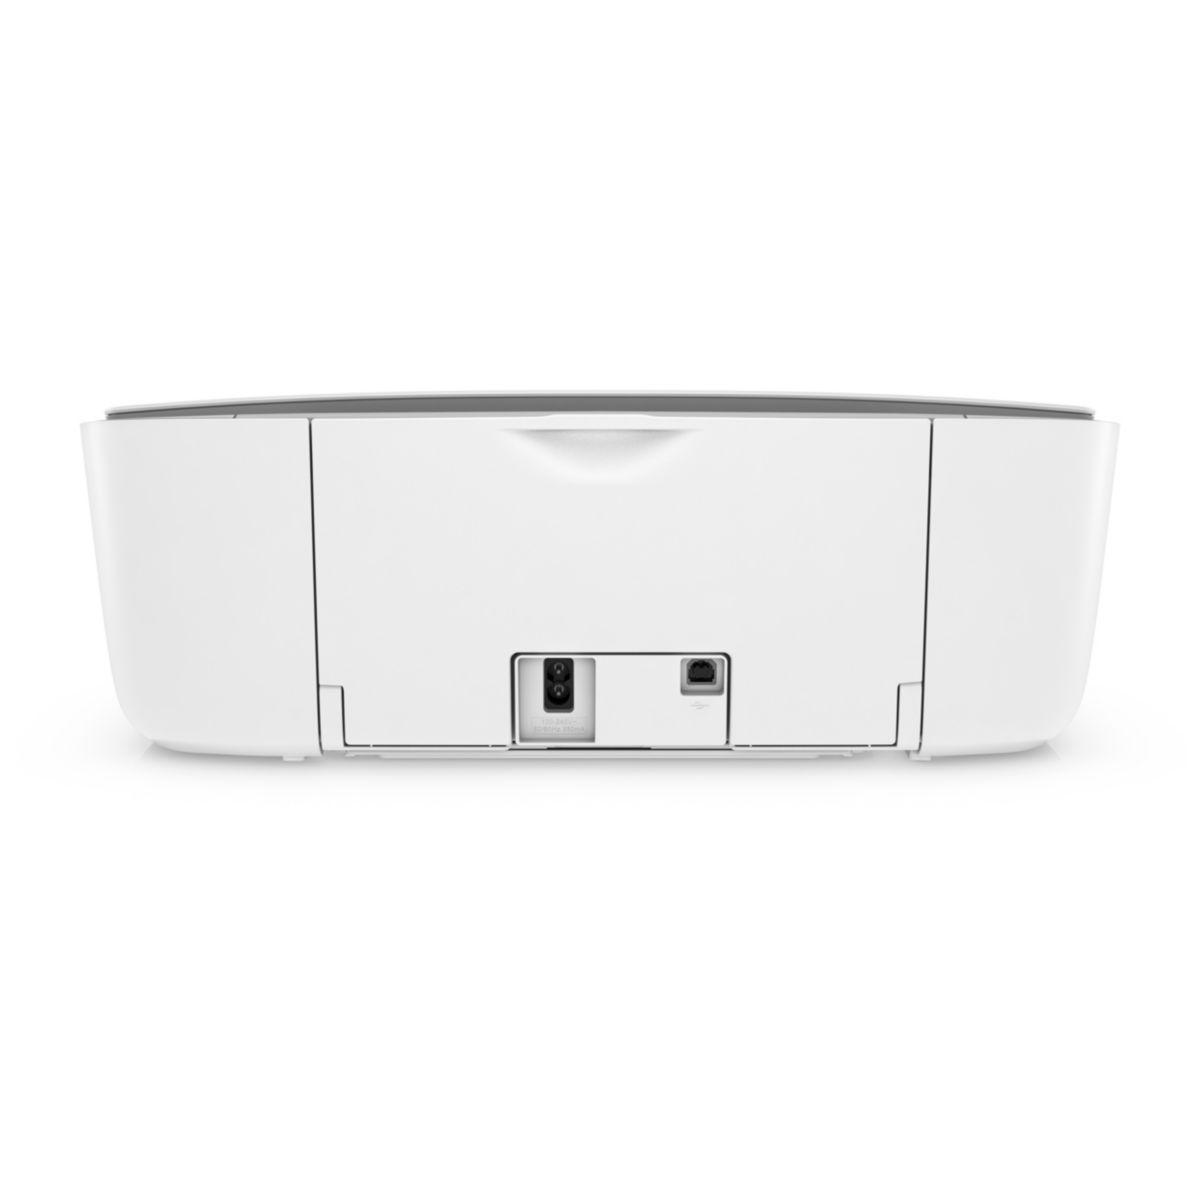 imprimante jet d 39 encre hp deskjet 3720 blanc neuf ebay. Black Bedroom Furniture Sets. Home Design Ideas